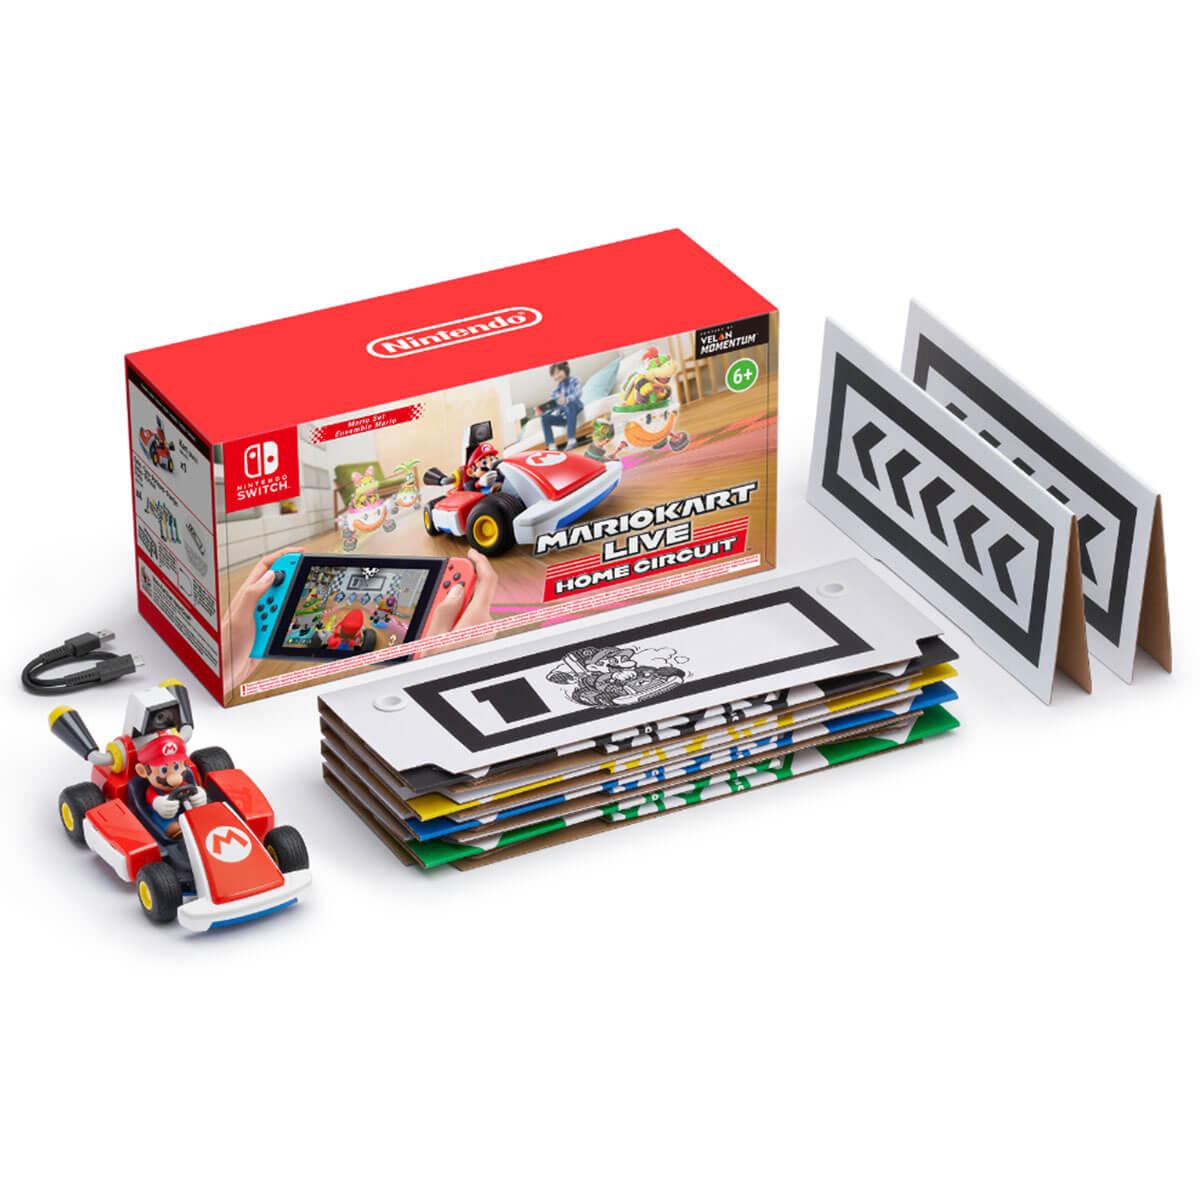 ערכת אביזרים Mario Kart Live Home Circuit Mario Nintendo